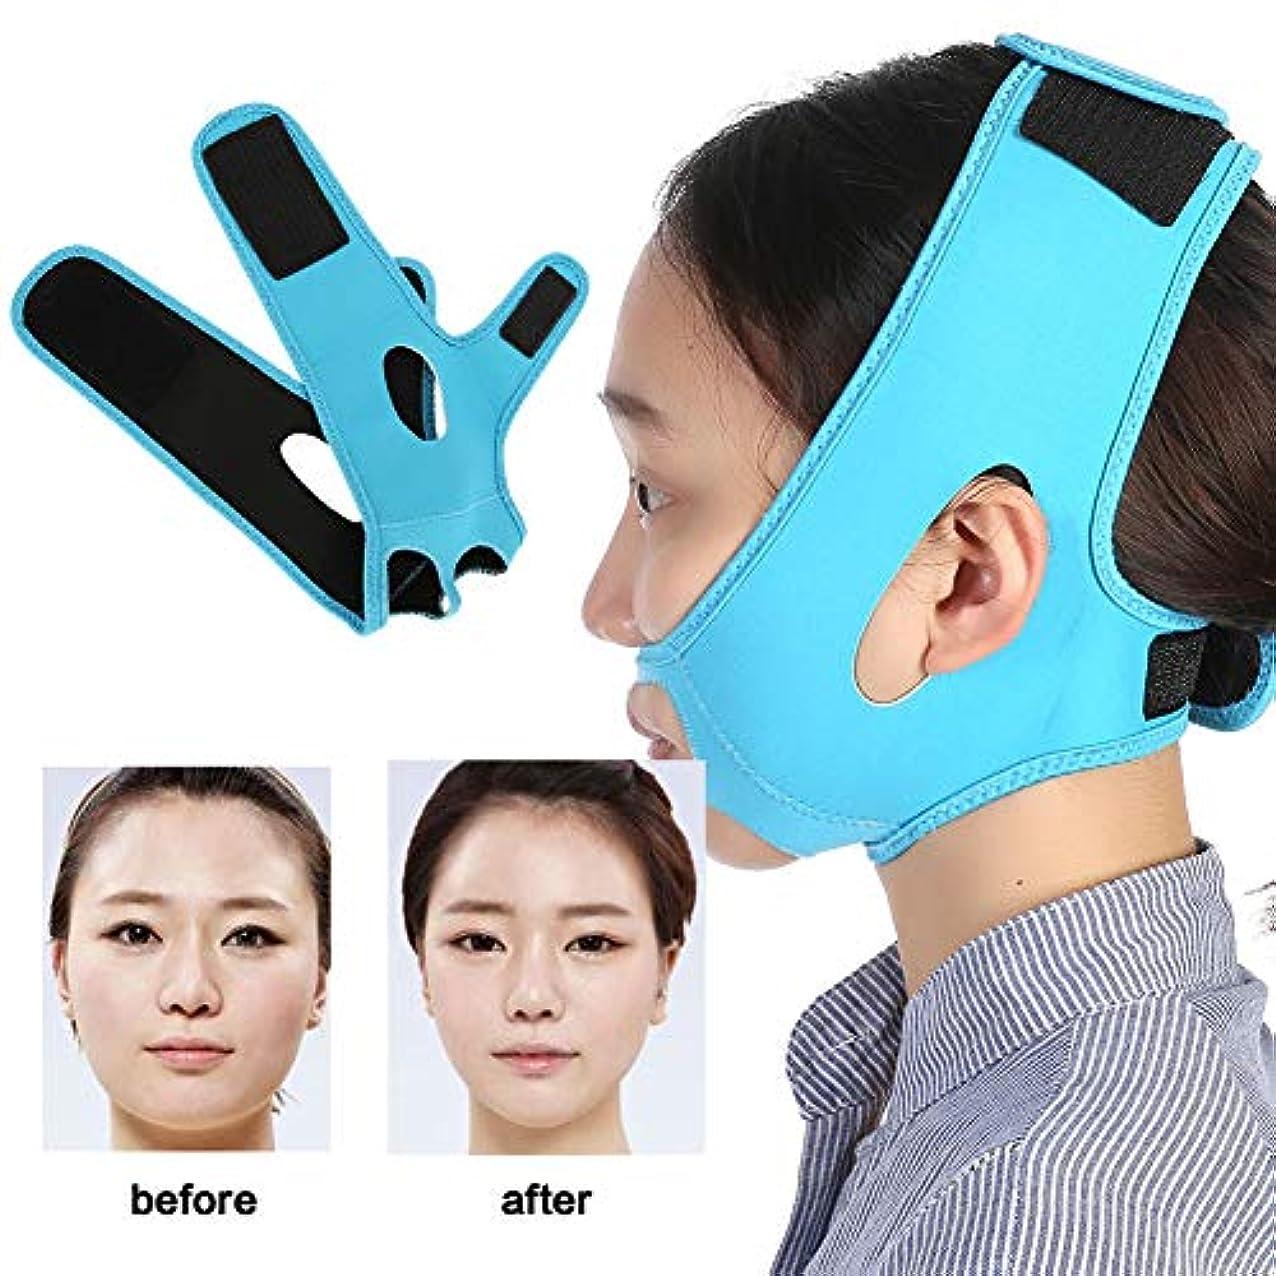 ペンフレンドワット一般顔の輪郭を改善するためのフェイスマスクのスリム化 Vフェイス美容包帯 通気性/伸縮性/非変形性